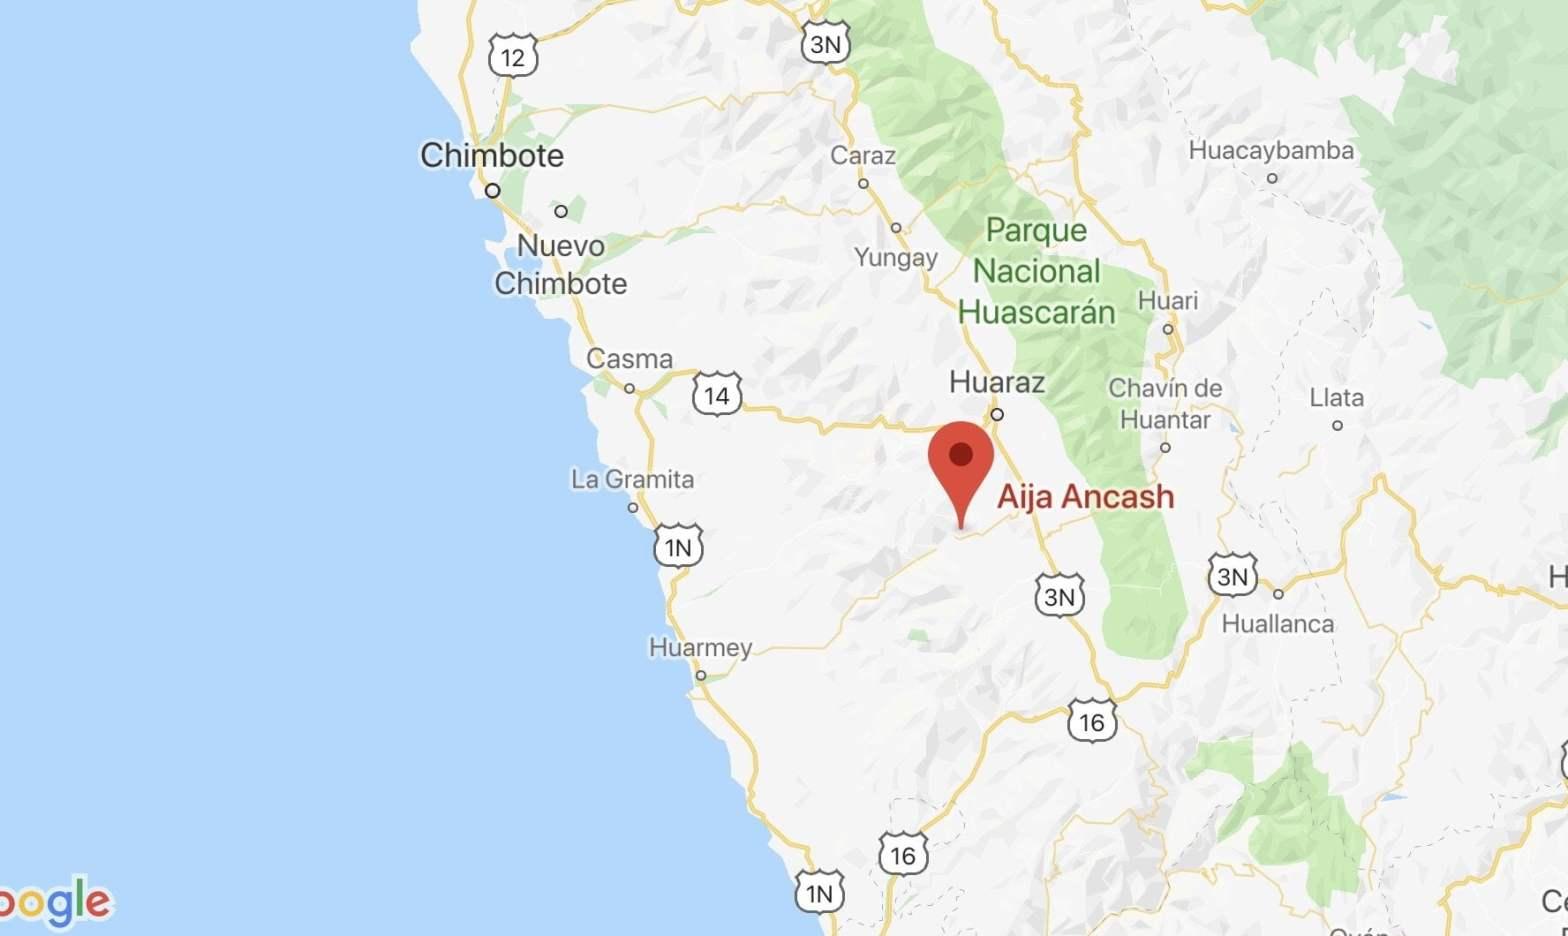 Sismo de magnitud 5.2 se registró en Ancash hoy martes 13 de agosto